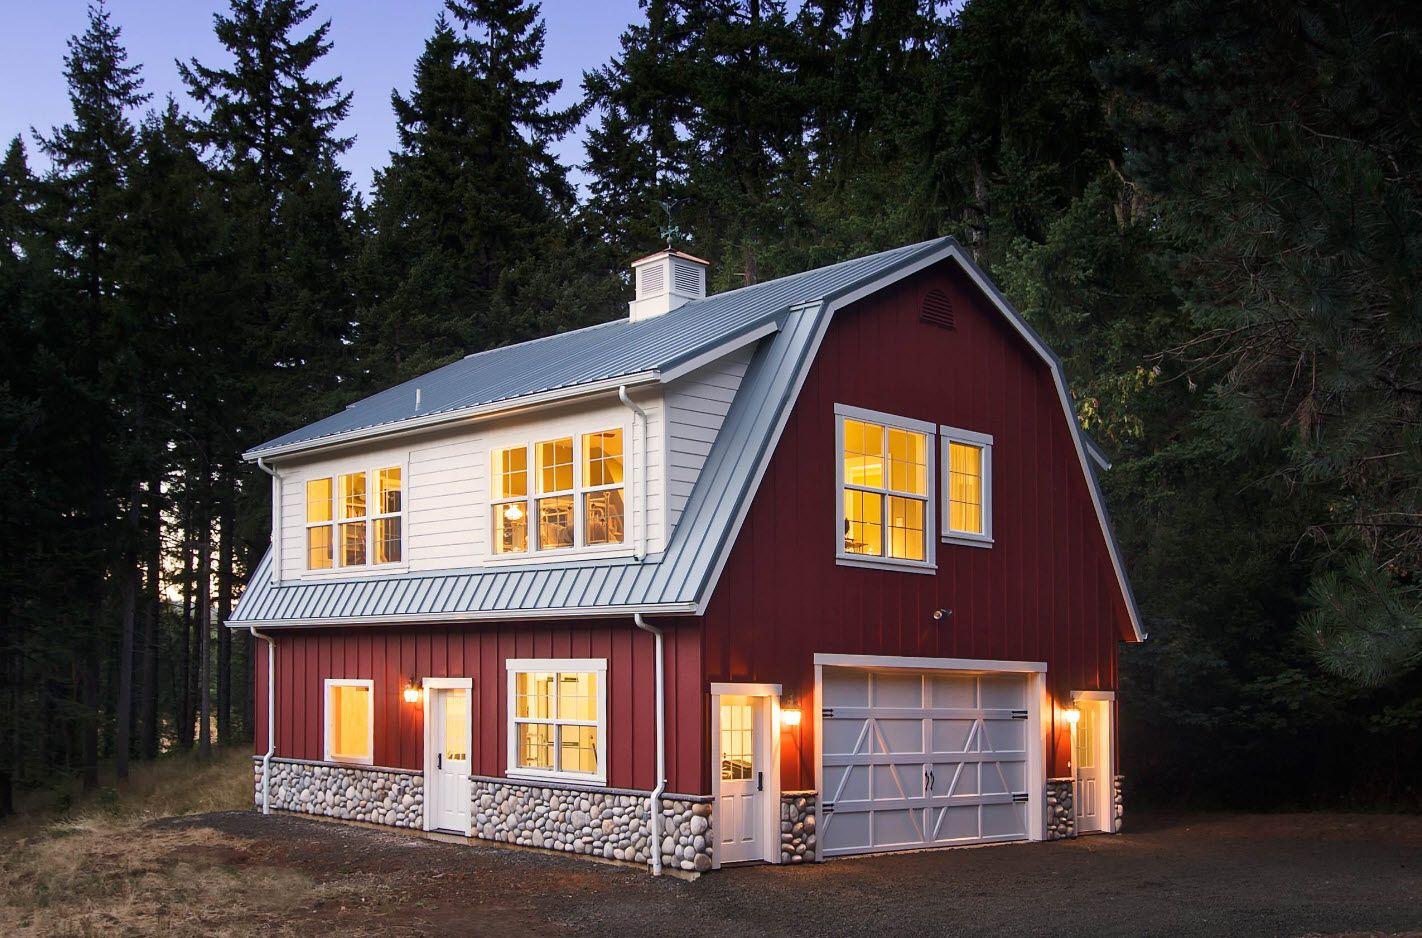 100 лучших идей дизайна: крыши частных домов на фото   Город-мечта ...